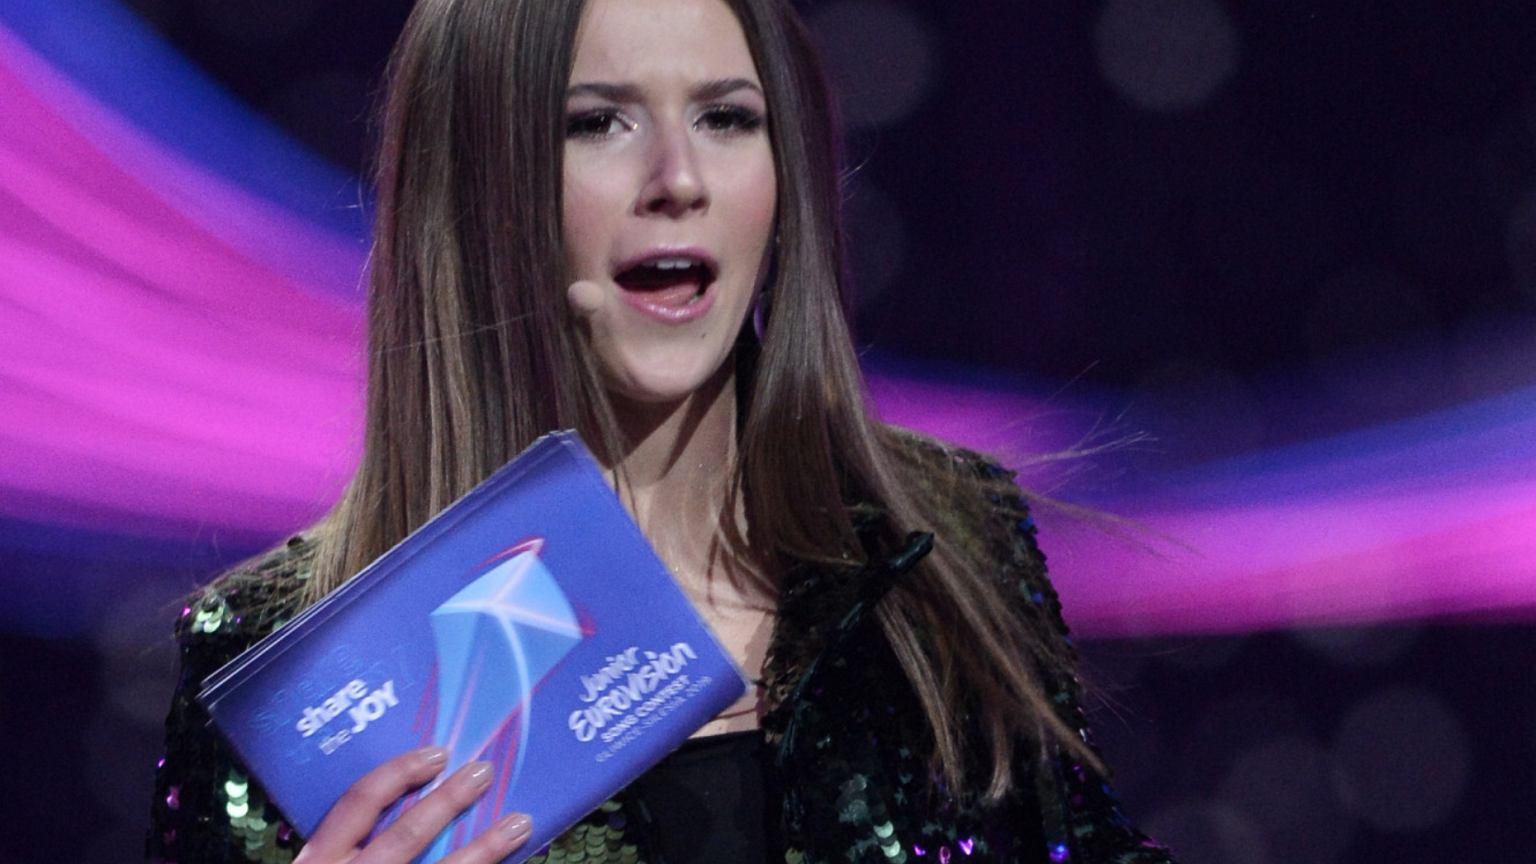 Eurowizja 2019. Wpadka Roxie Węgiel. Myślała, że ma wyłączony mikrofon. Nie miała. Wszyscy usłyszeli, jak skomentowała wygraną Viki Gabor